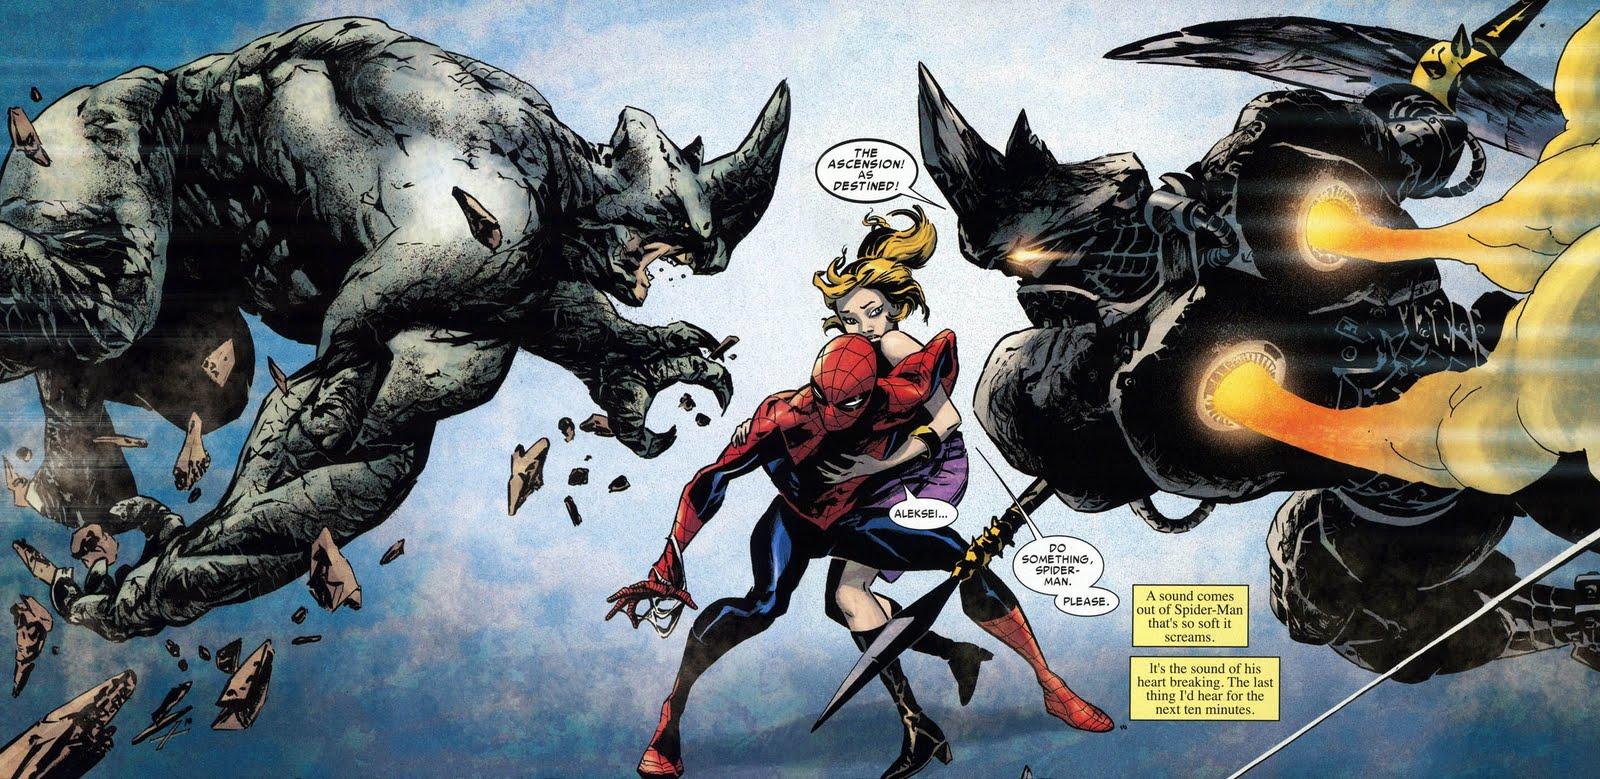 MAXIMUM SUMII: Spidey's #14 Rhino